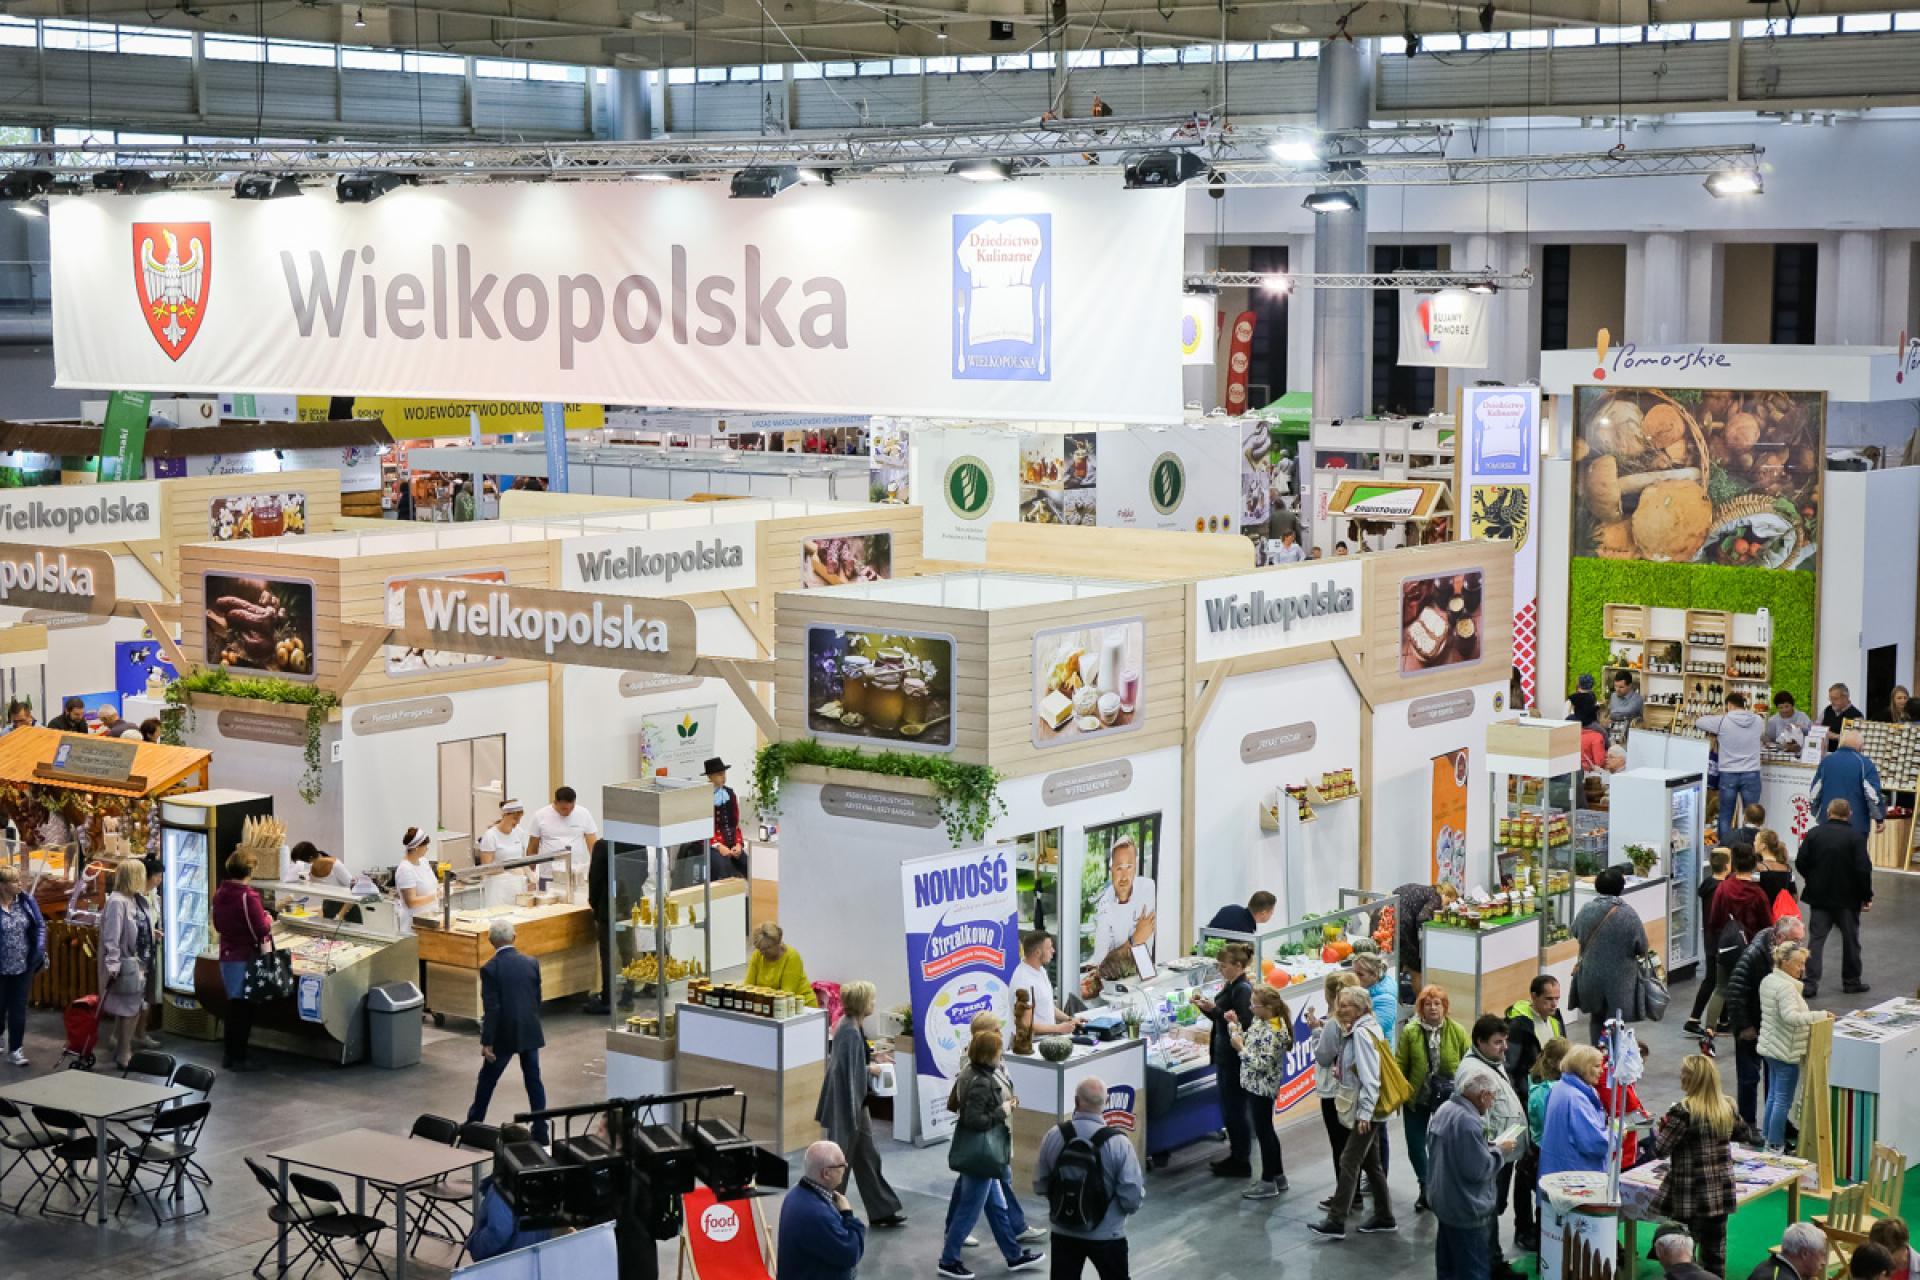 Zapraszamy na stoisko Wielkopolski podczas Targów Smaki Regionów  - zobacz więcej